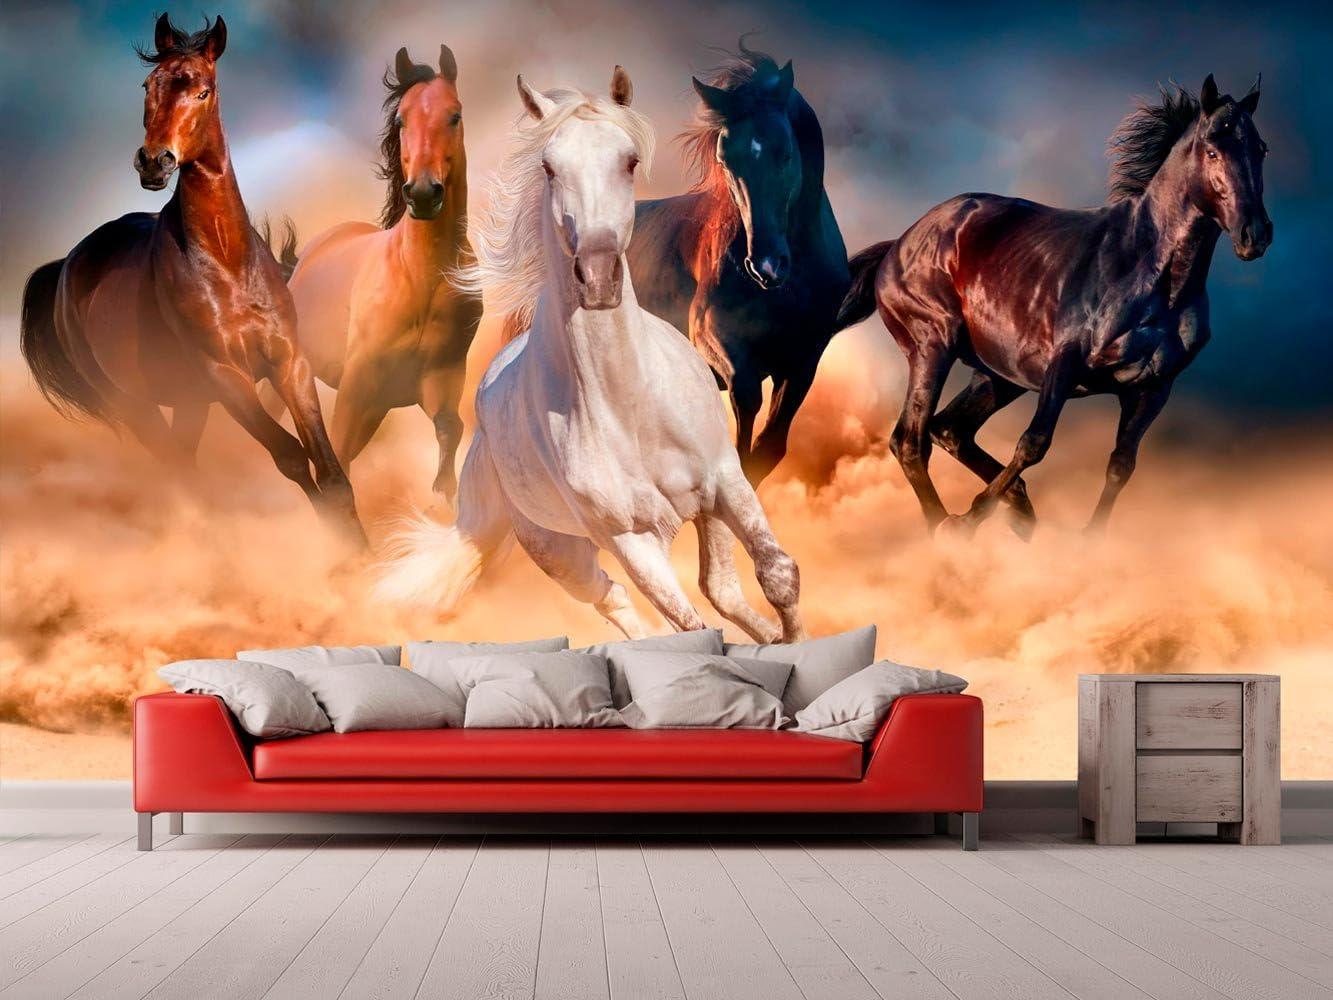 Papel Pintado para Pared Caballos | Fotomural para Paredes | Mural | Papel Pintado | Varias Medidas 200 x 150 cm | Decoración comedores, Salones, Habitaciones.